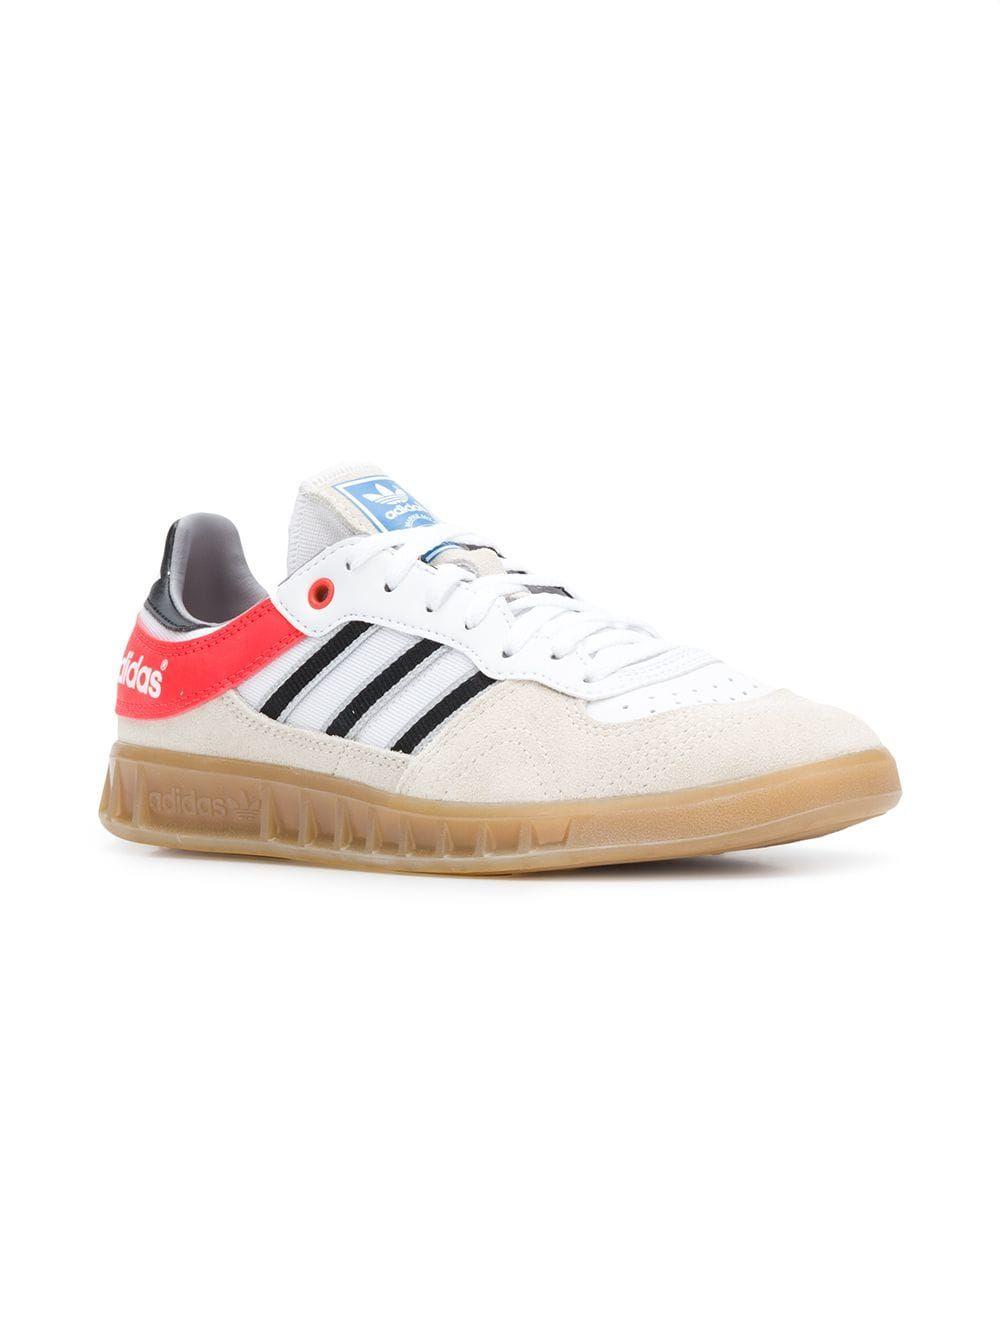 d5a908b5c3de91 Adidas Handball Top sneakers